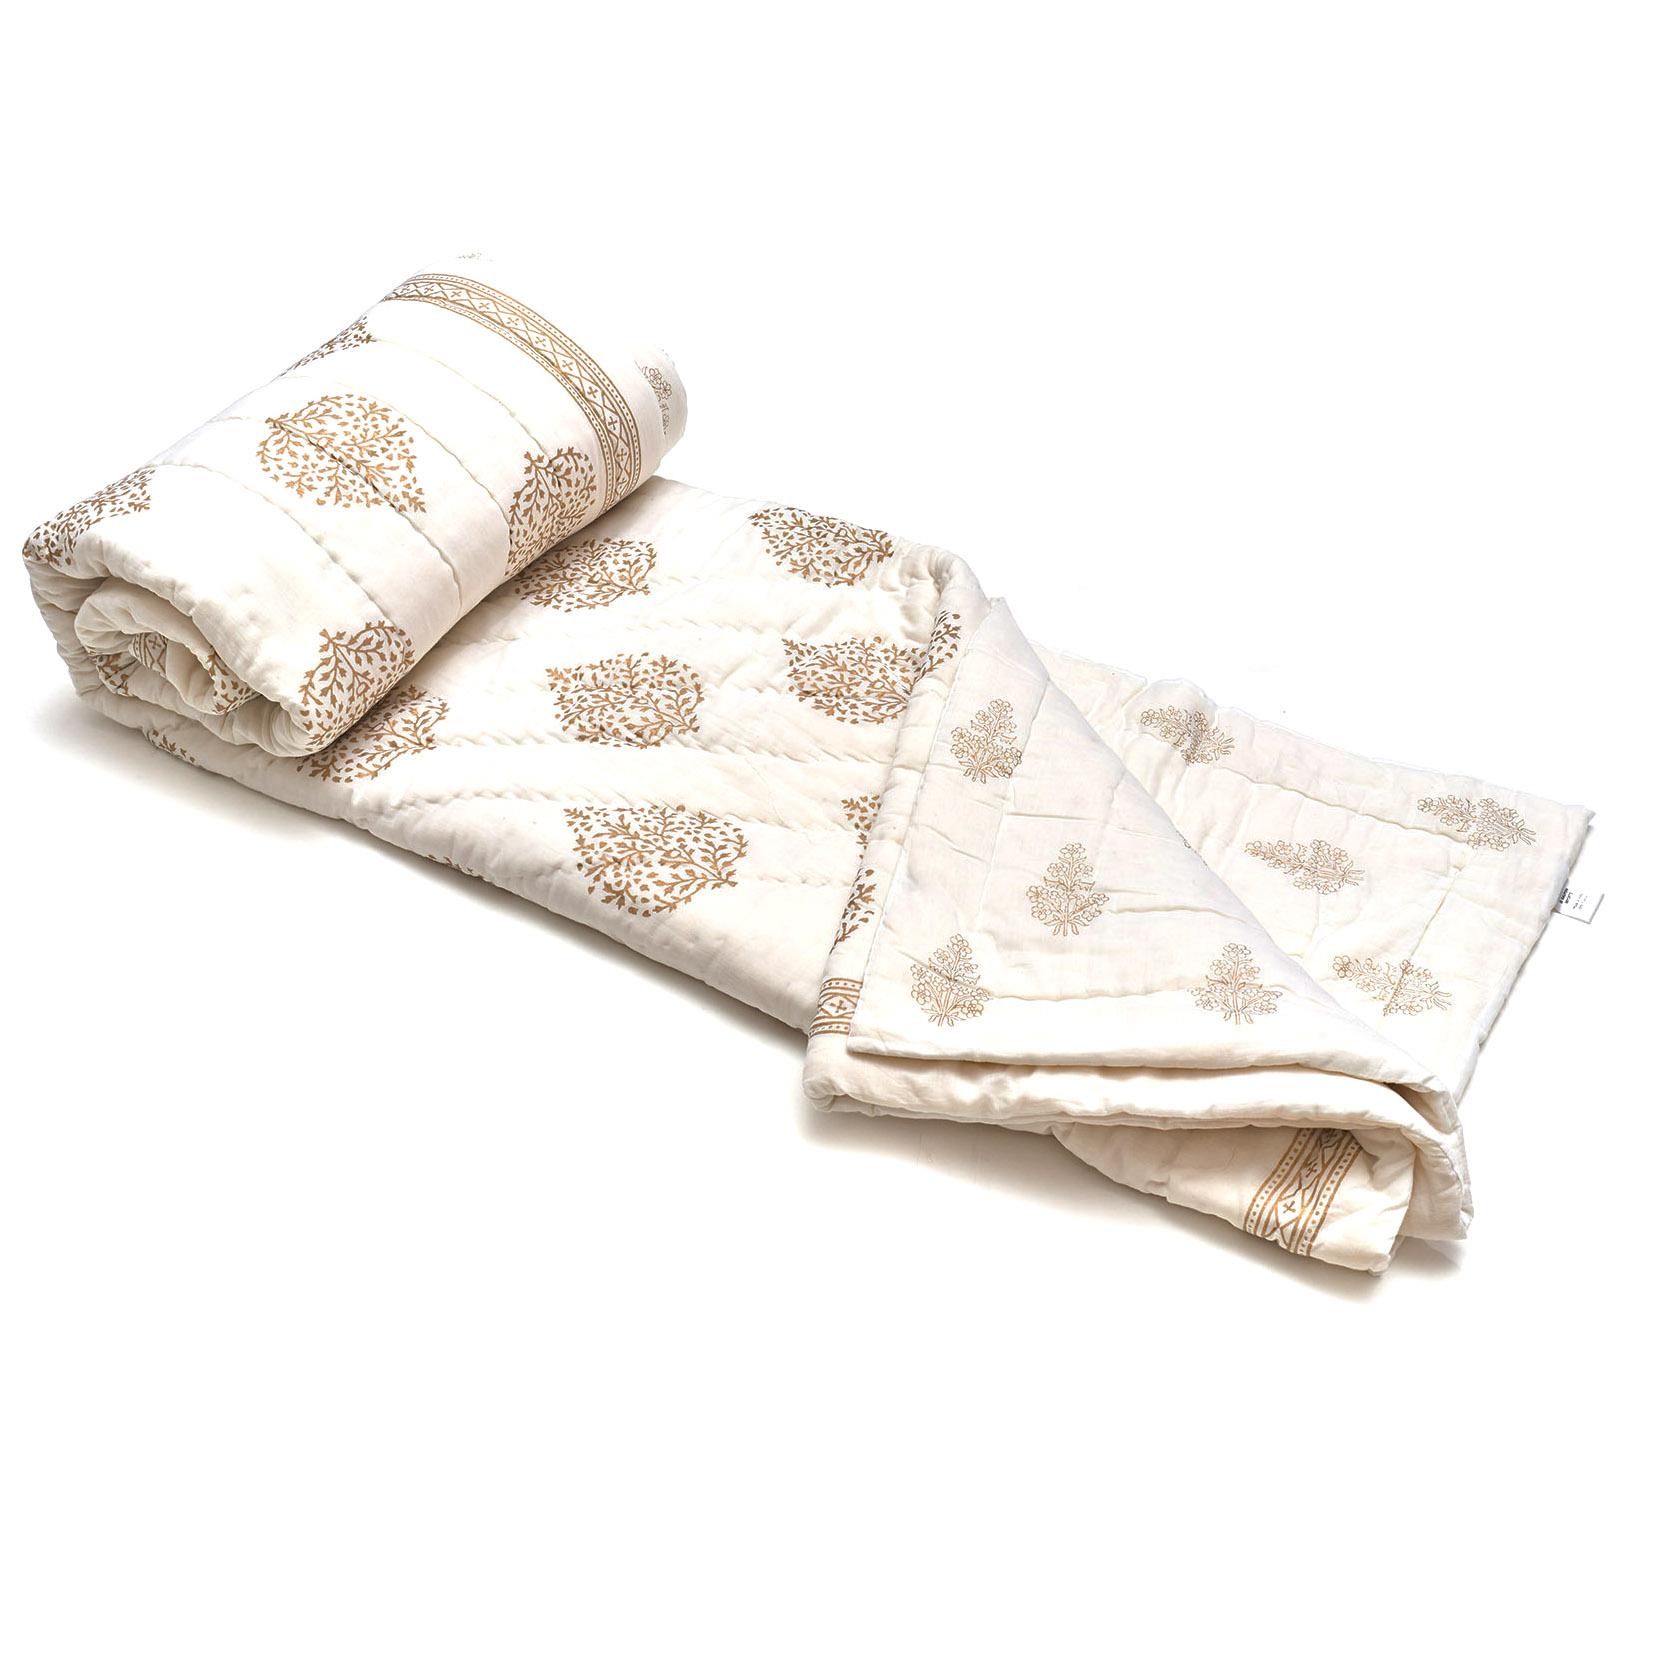 Acolchado reversible de algodón estampado a mano, dorado y blanco con 2 fundas de almohada